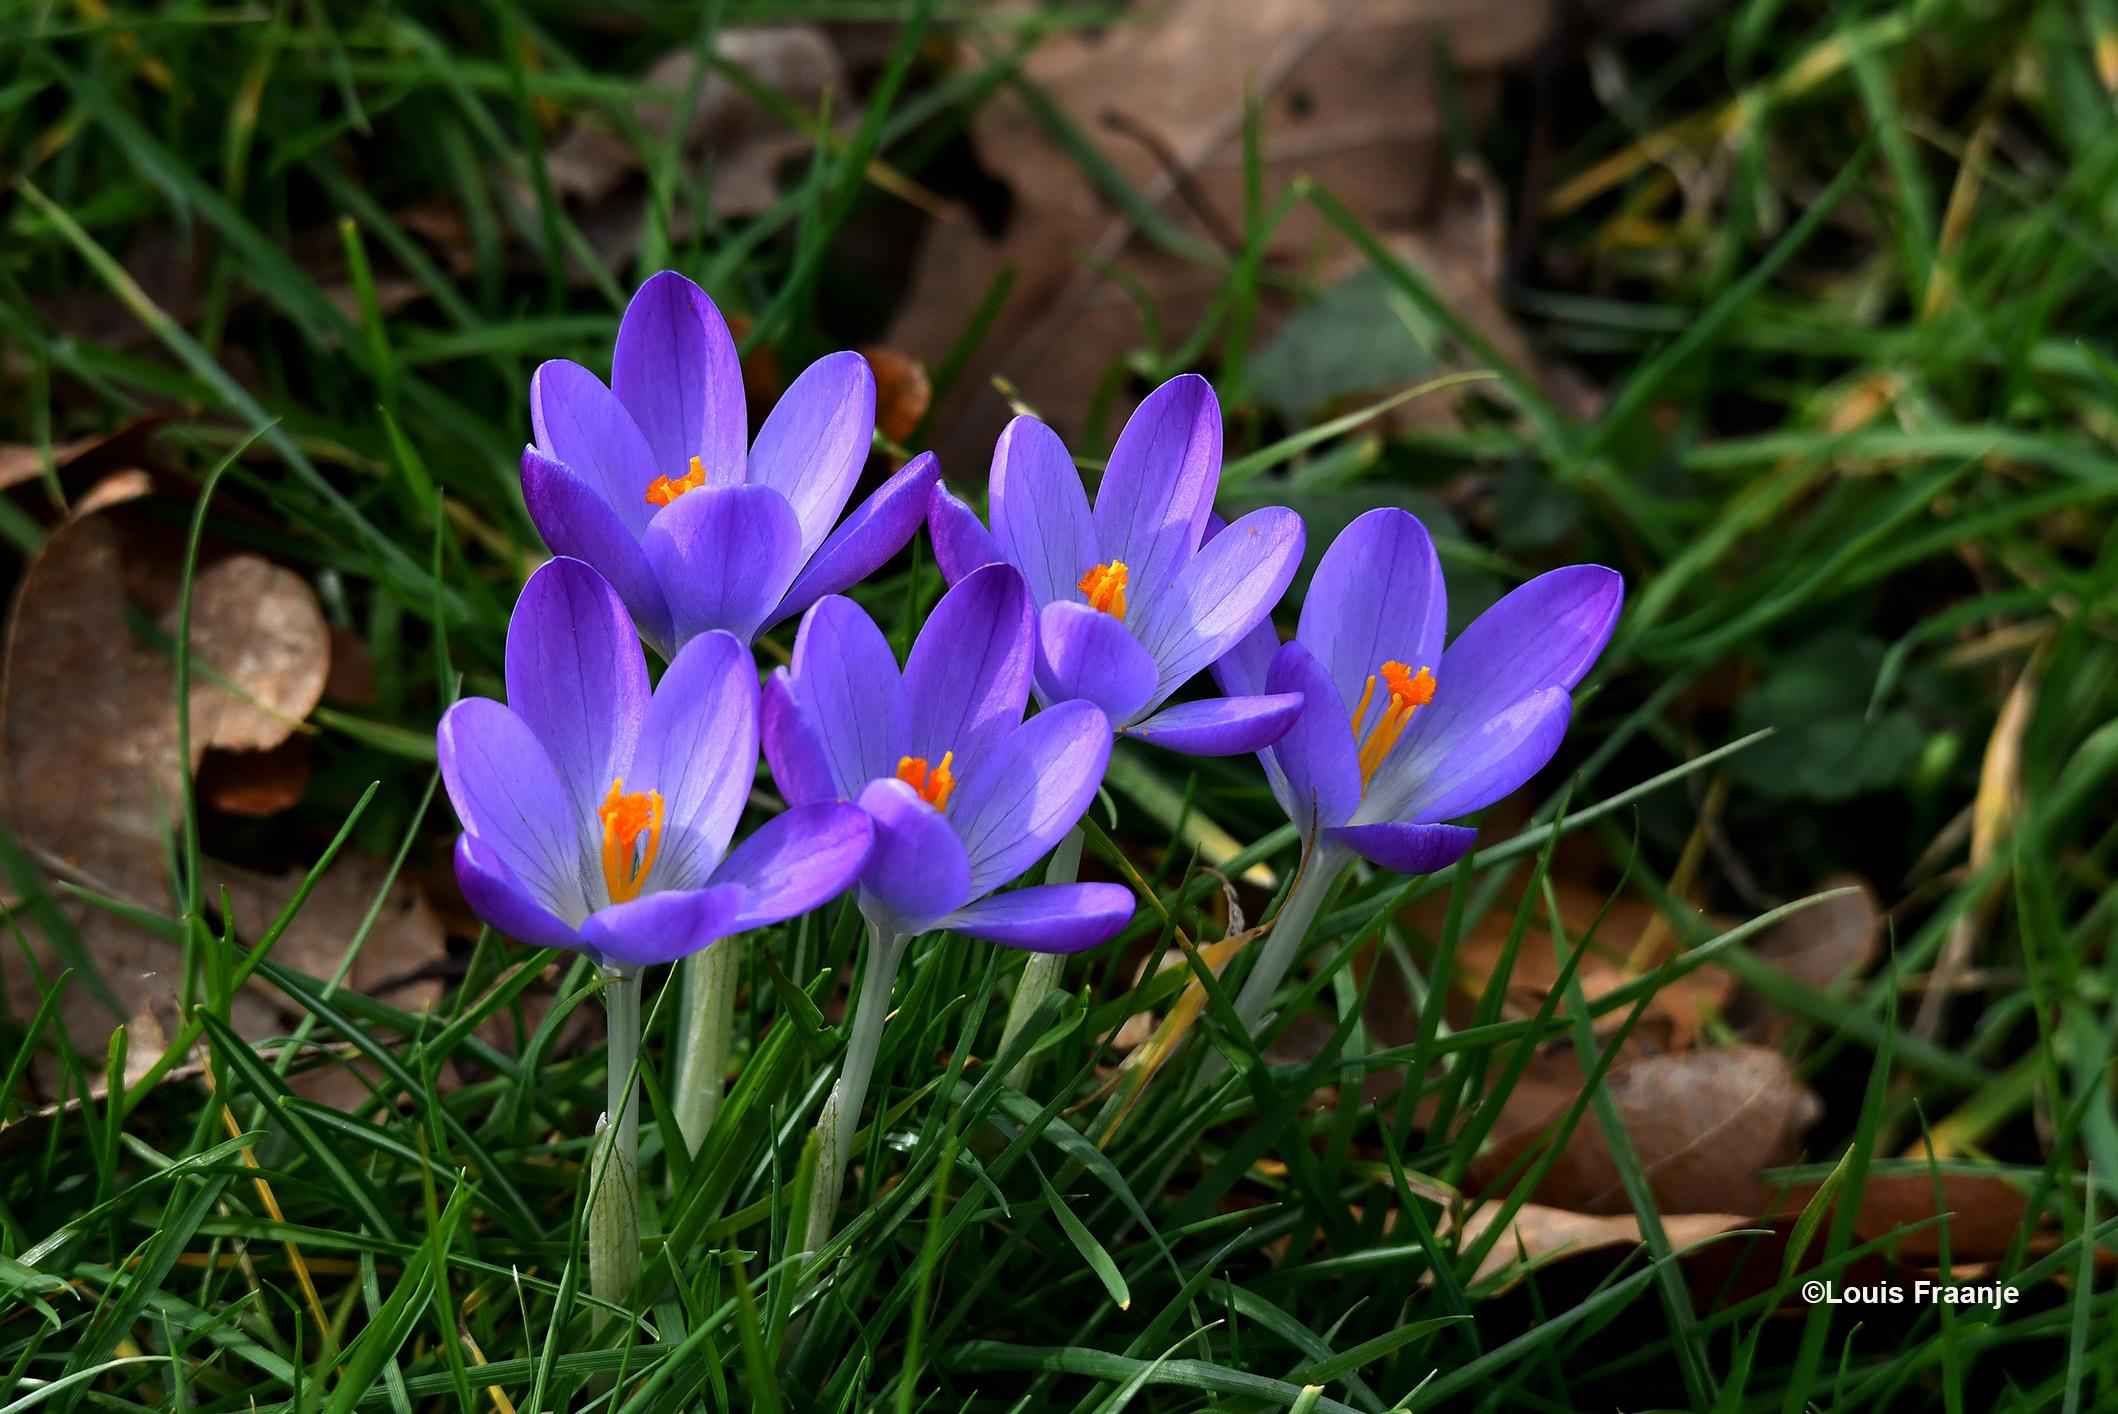 De fleurige crocussen geven aan het geheel toch ook weer een 'blij' gevoel, dat is de natuur... het samenspel tussen dood en leven - Foto: ©Louis Fraanje